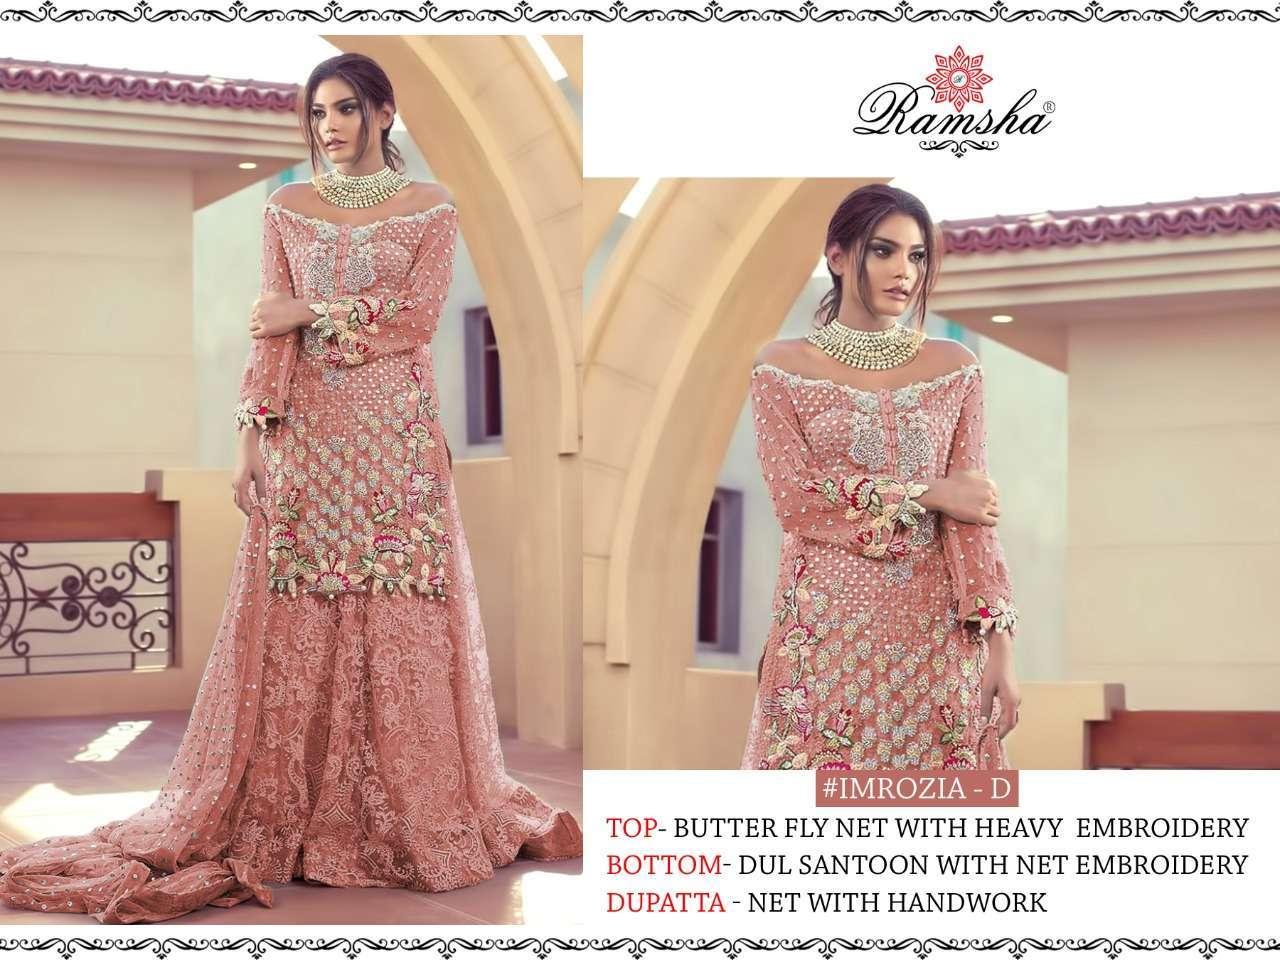 Ramsha Imrozia Nx with embroidery wotk pakisatni suit collection04